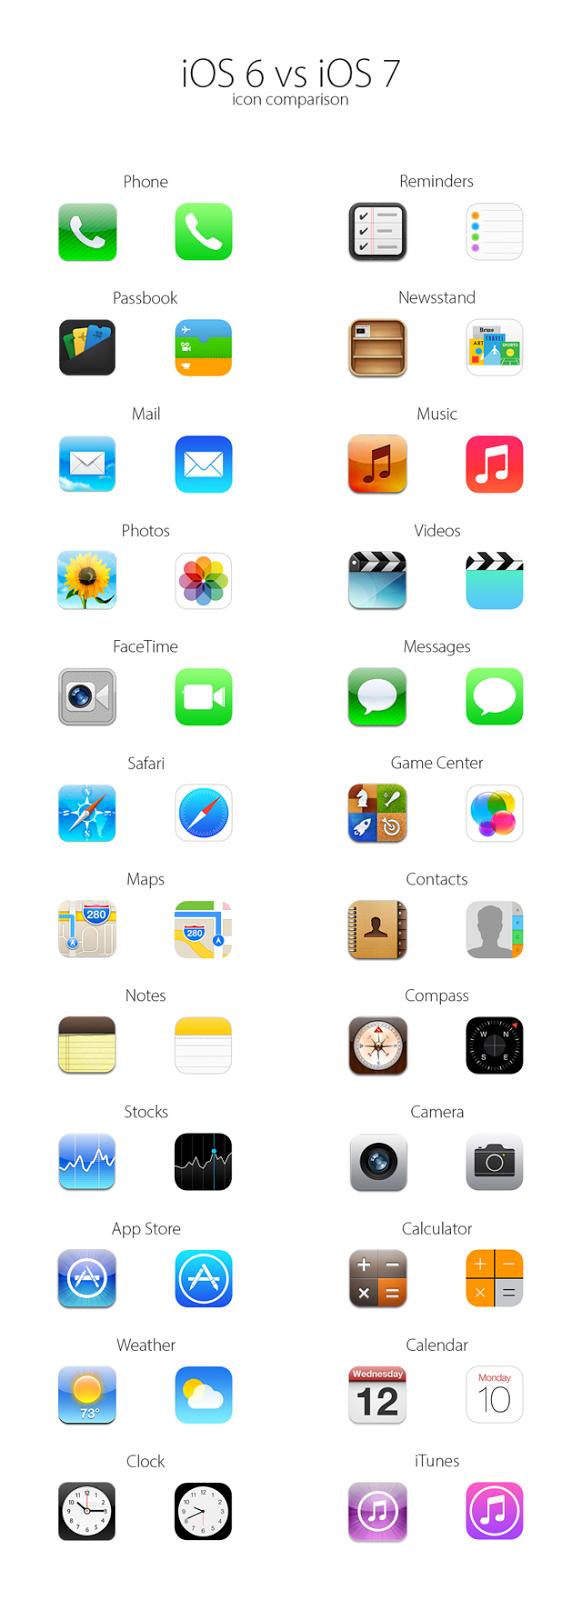 iOS 6 Versus iOS 7 icons